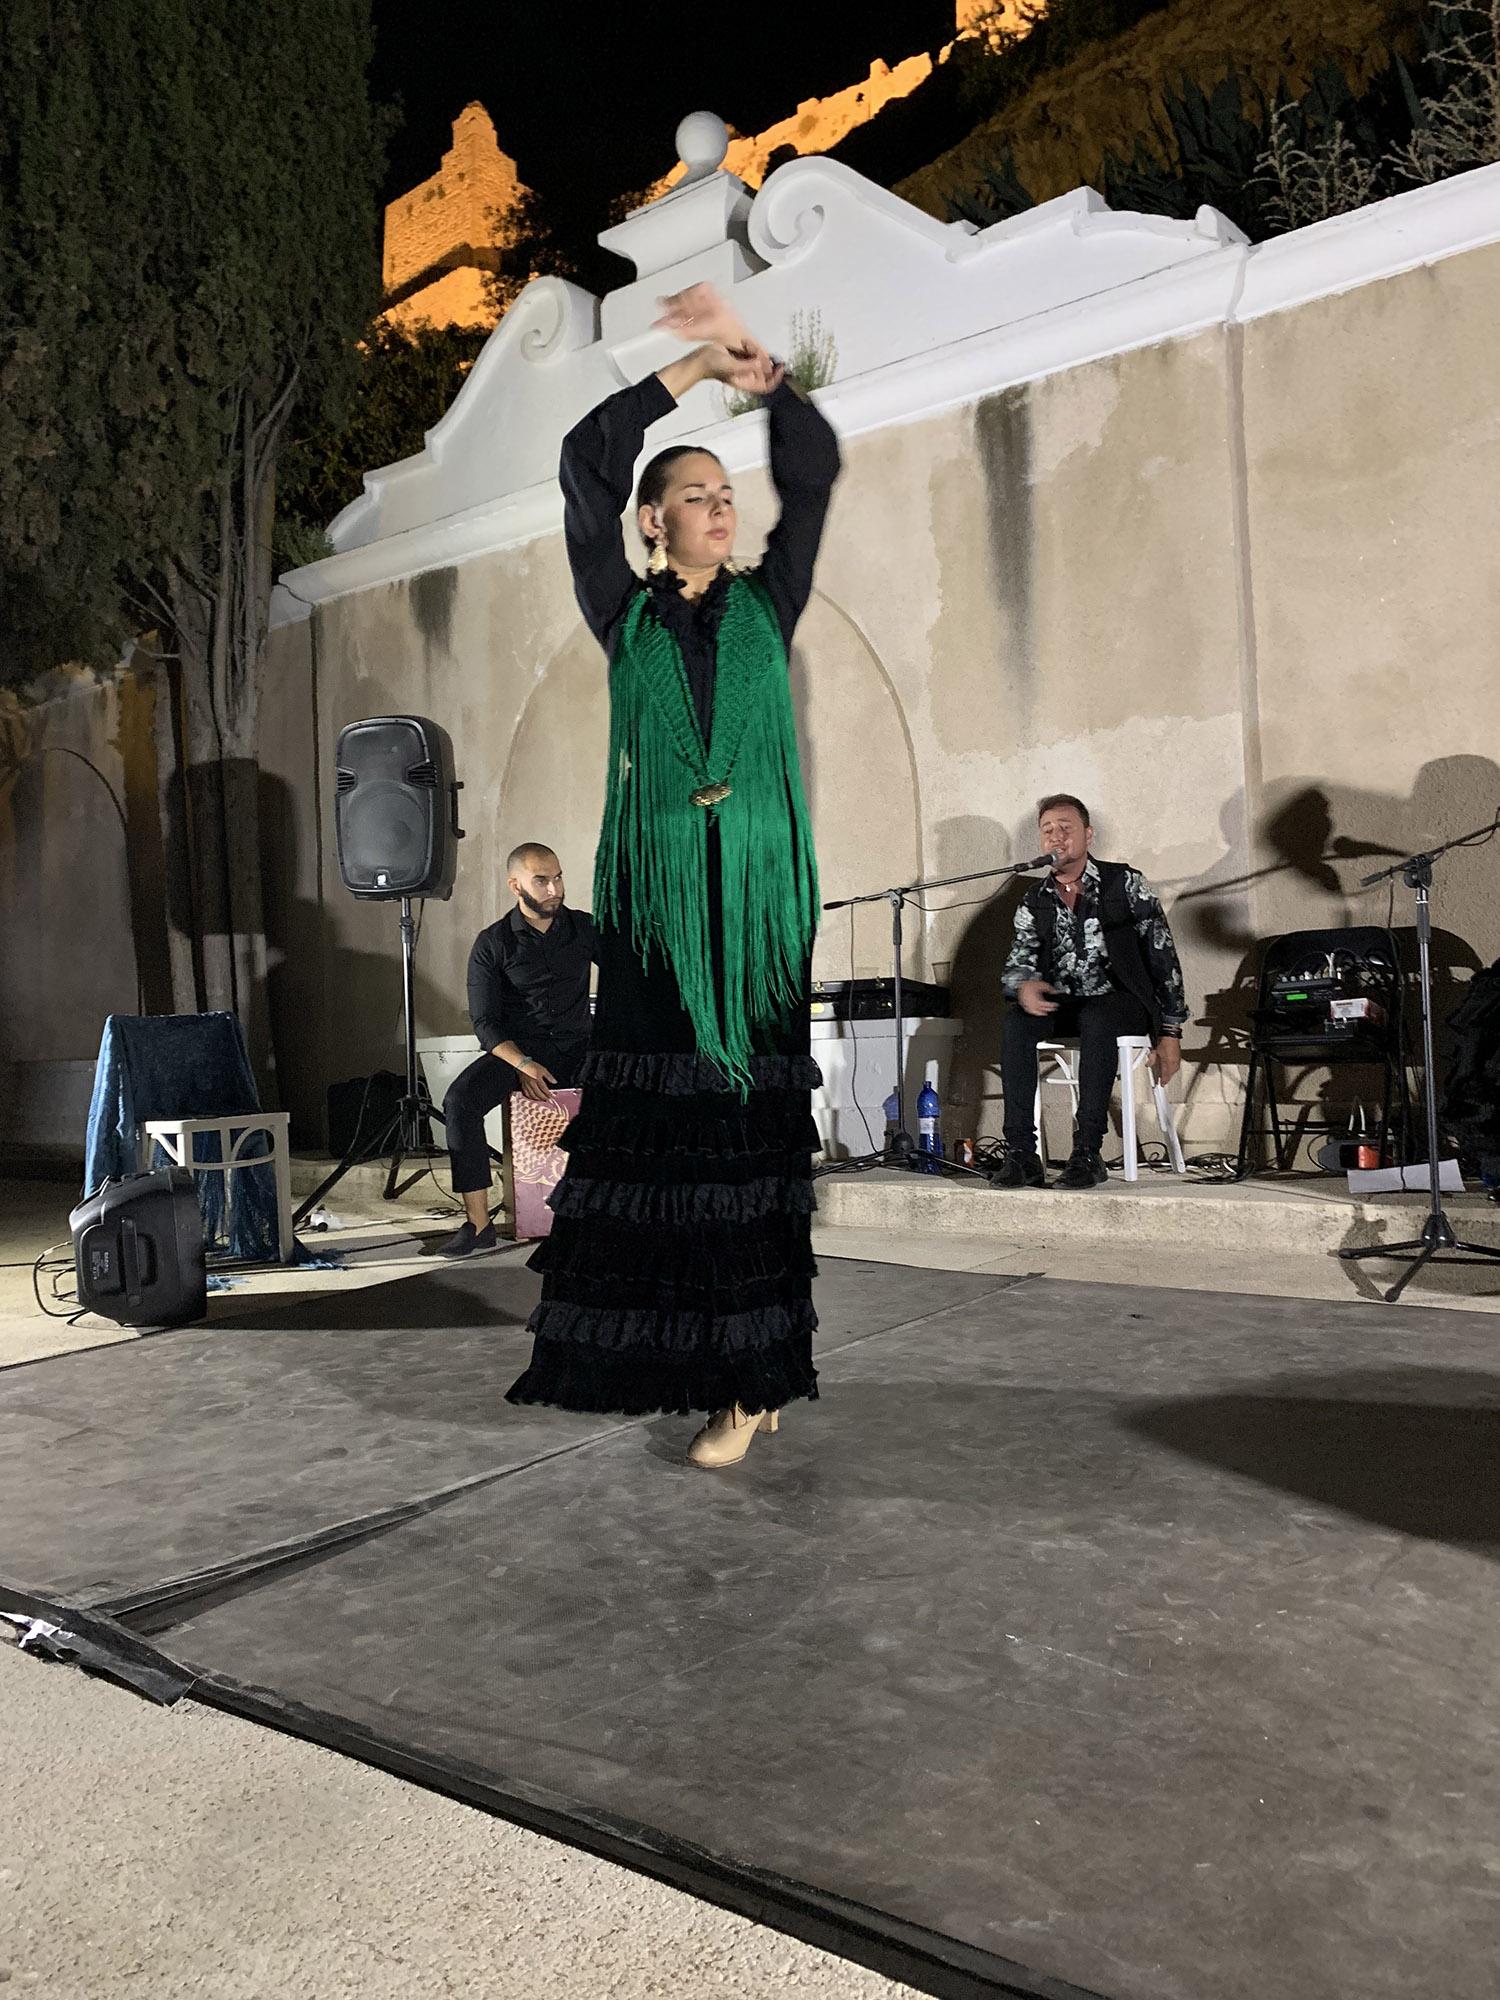 Natalie performing